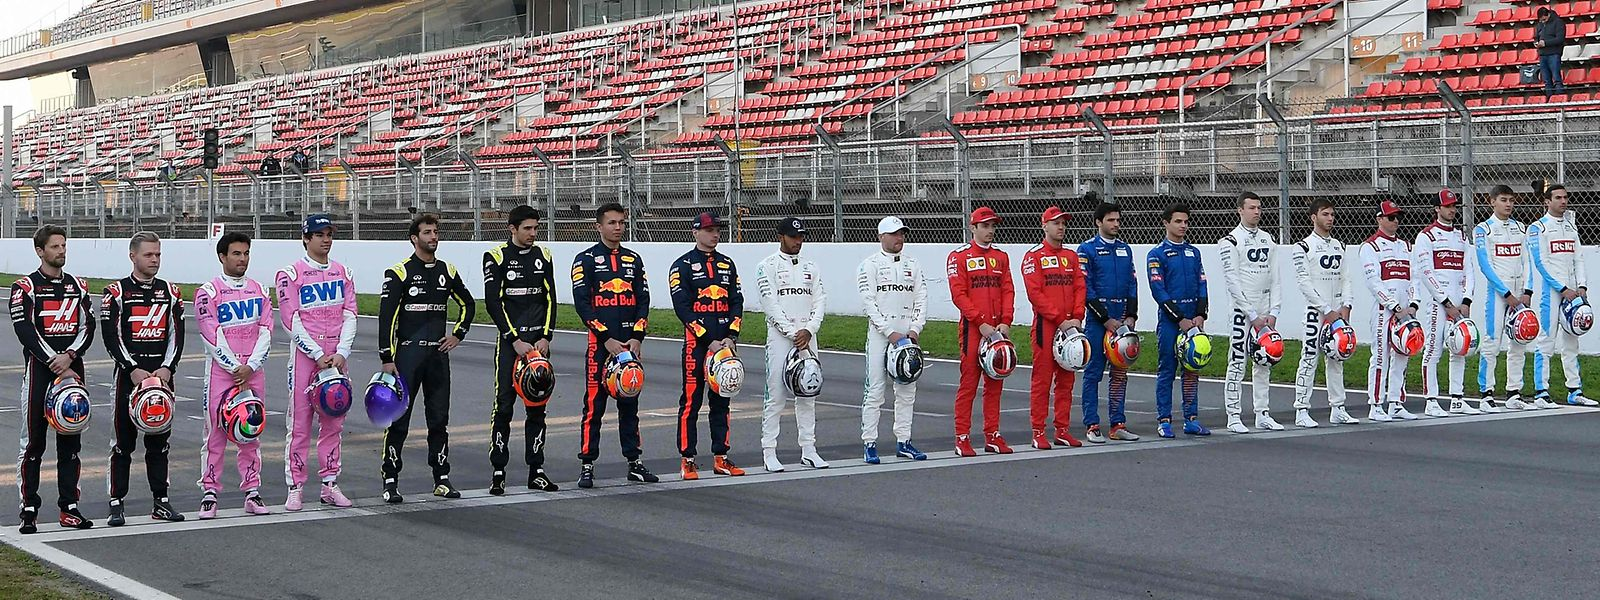 Die zehn Teams der Formel 1 bereiten sich in Spanien auf die kommende Saison vor.